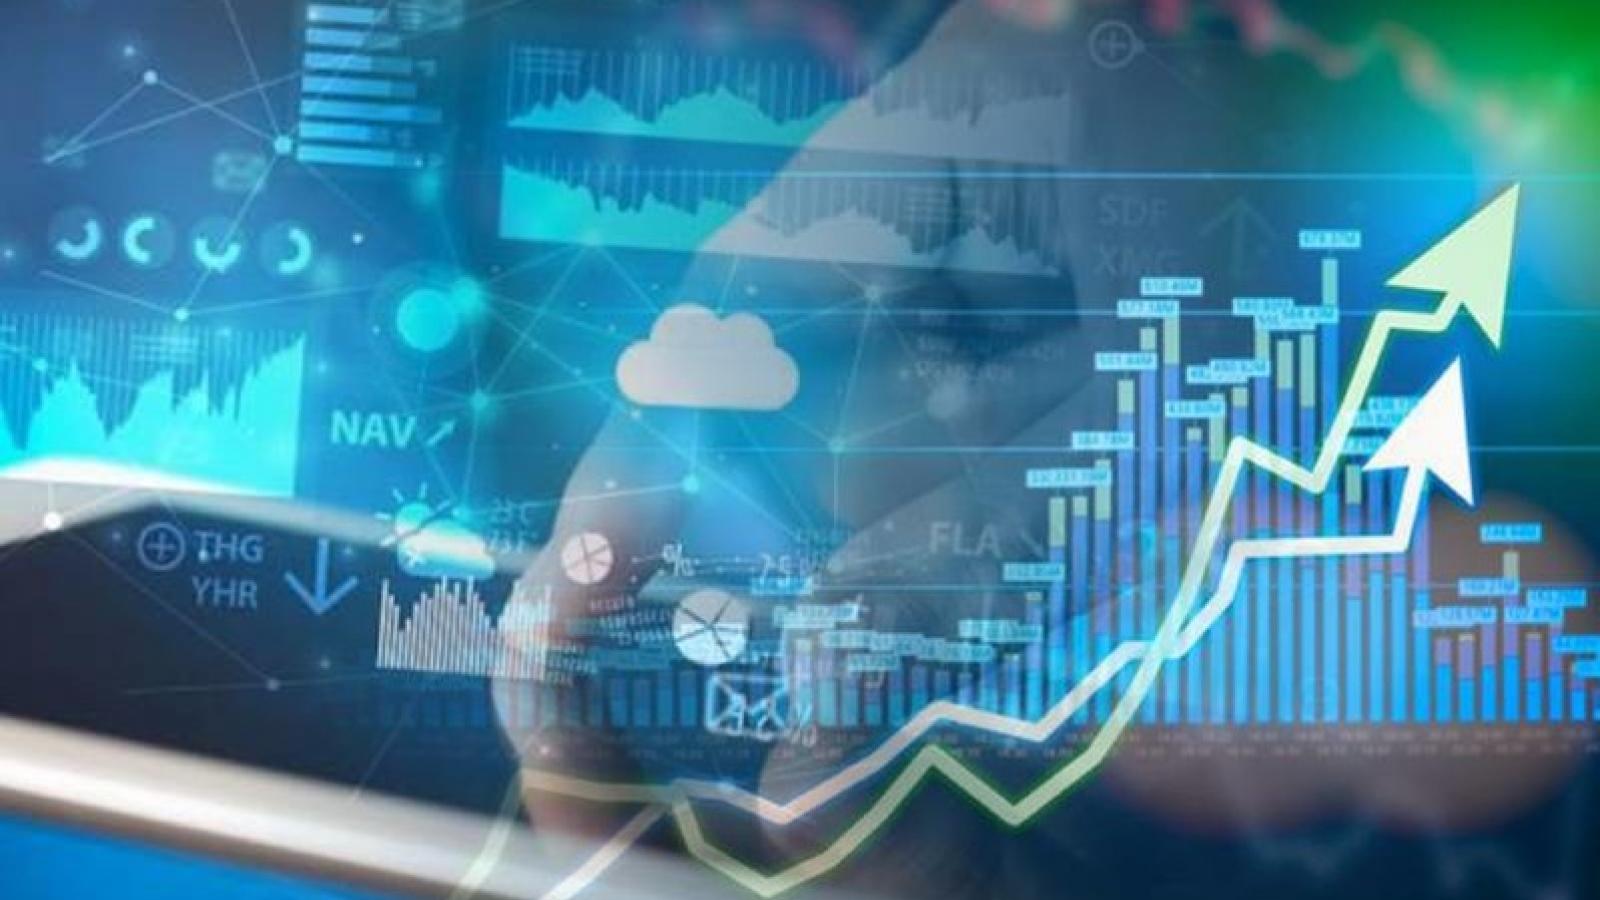 Nhà đầu tư chứng khoán nên ưu tiên các vị thế gắn hạn, chờ tín hiệu mới của thị trường